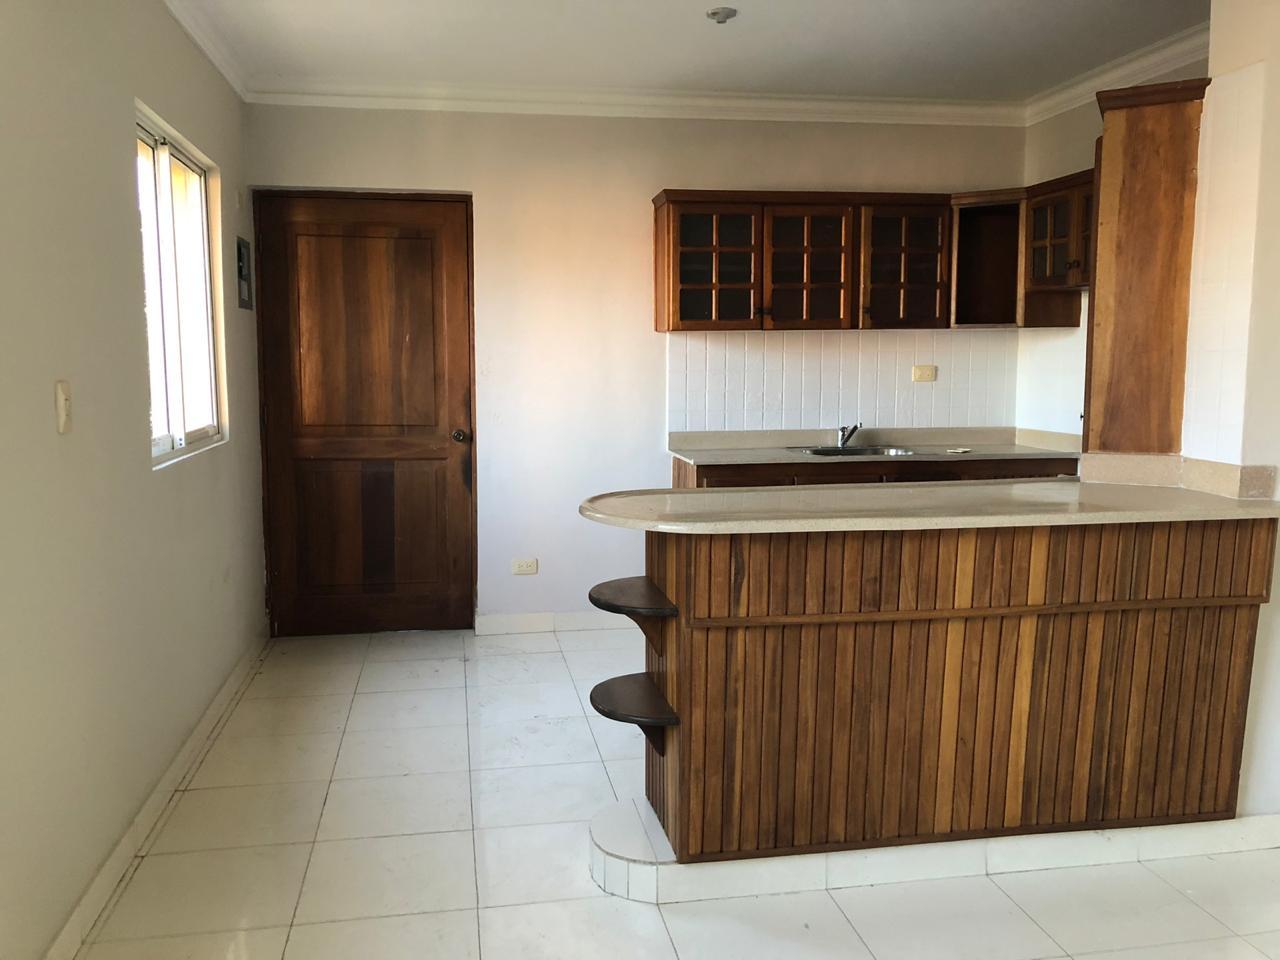 Vendo Apartamento  en lo Mejor del  Ensanche Ozama, a pocos metros de la Av. Venezuela y Las  Américas.